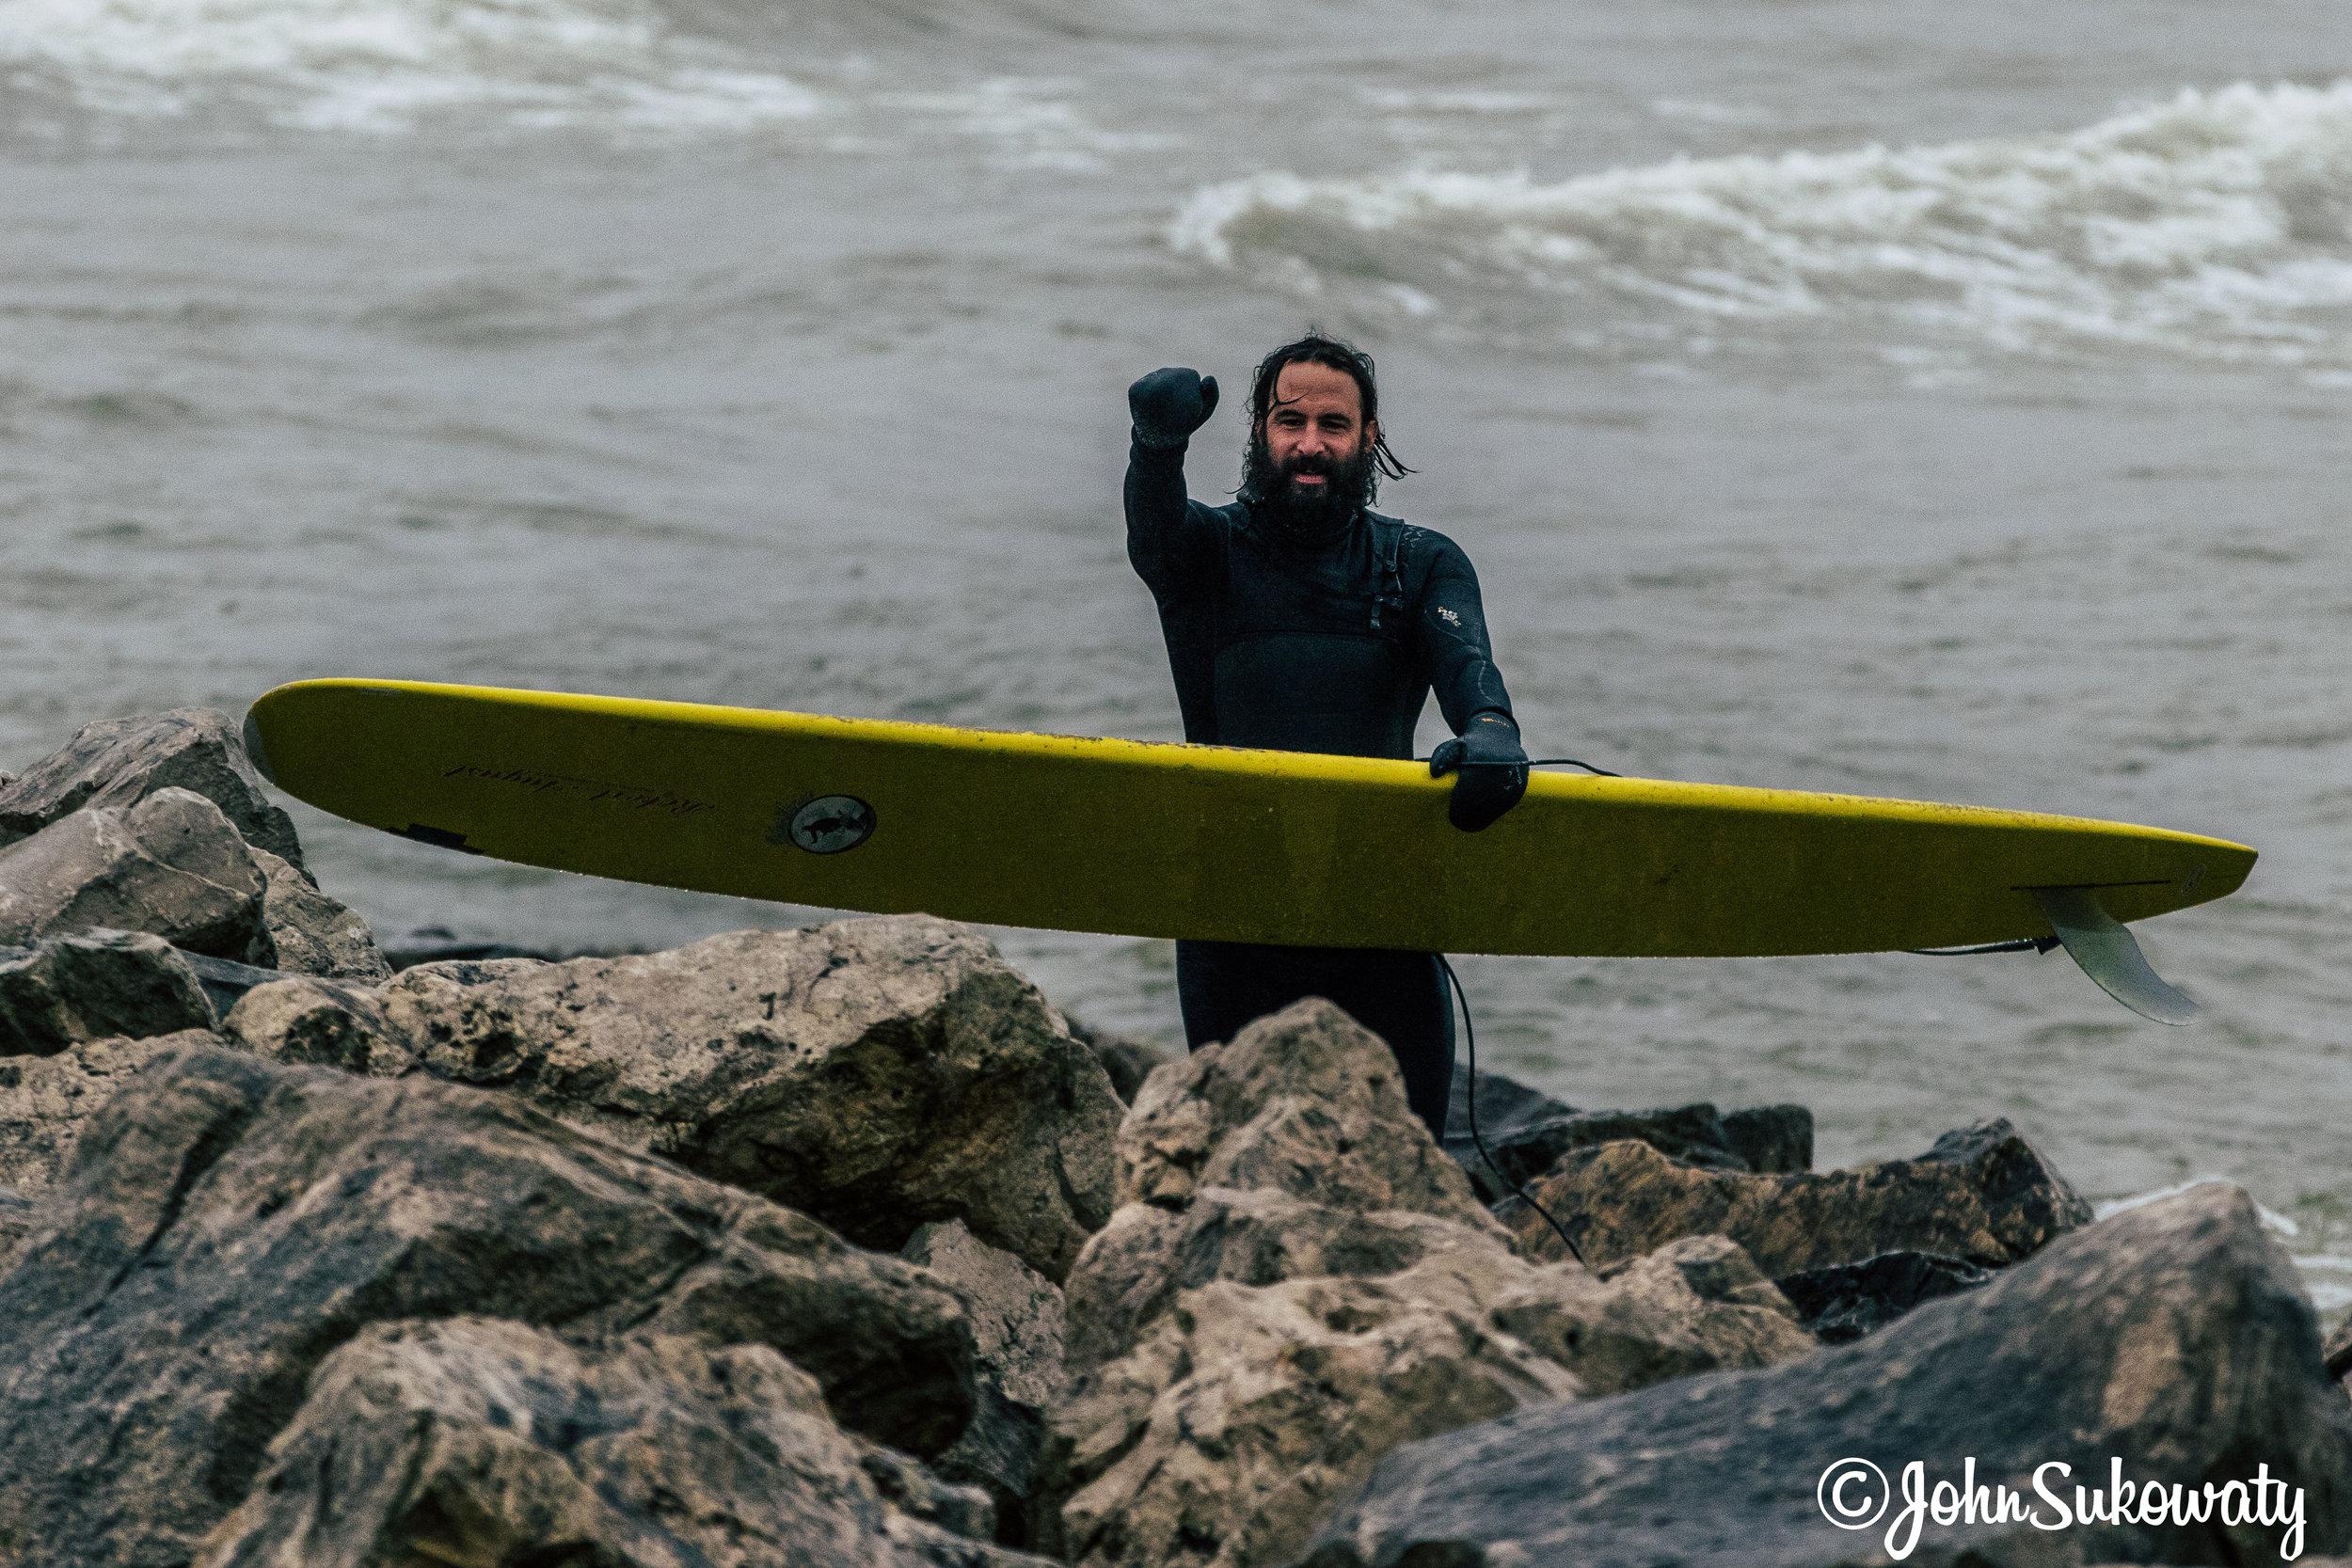 sheboygan-surfing-november-1.jpg